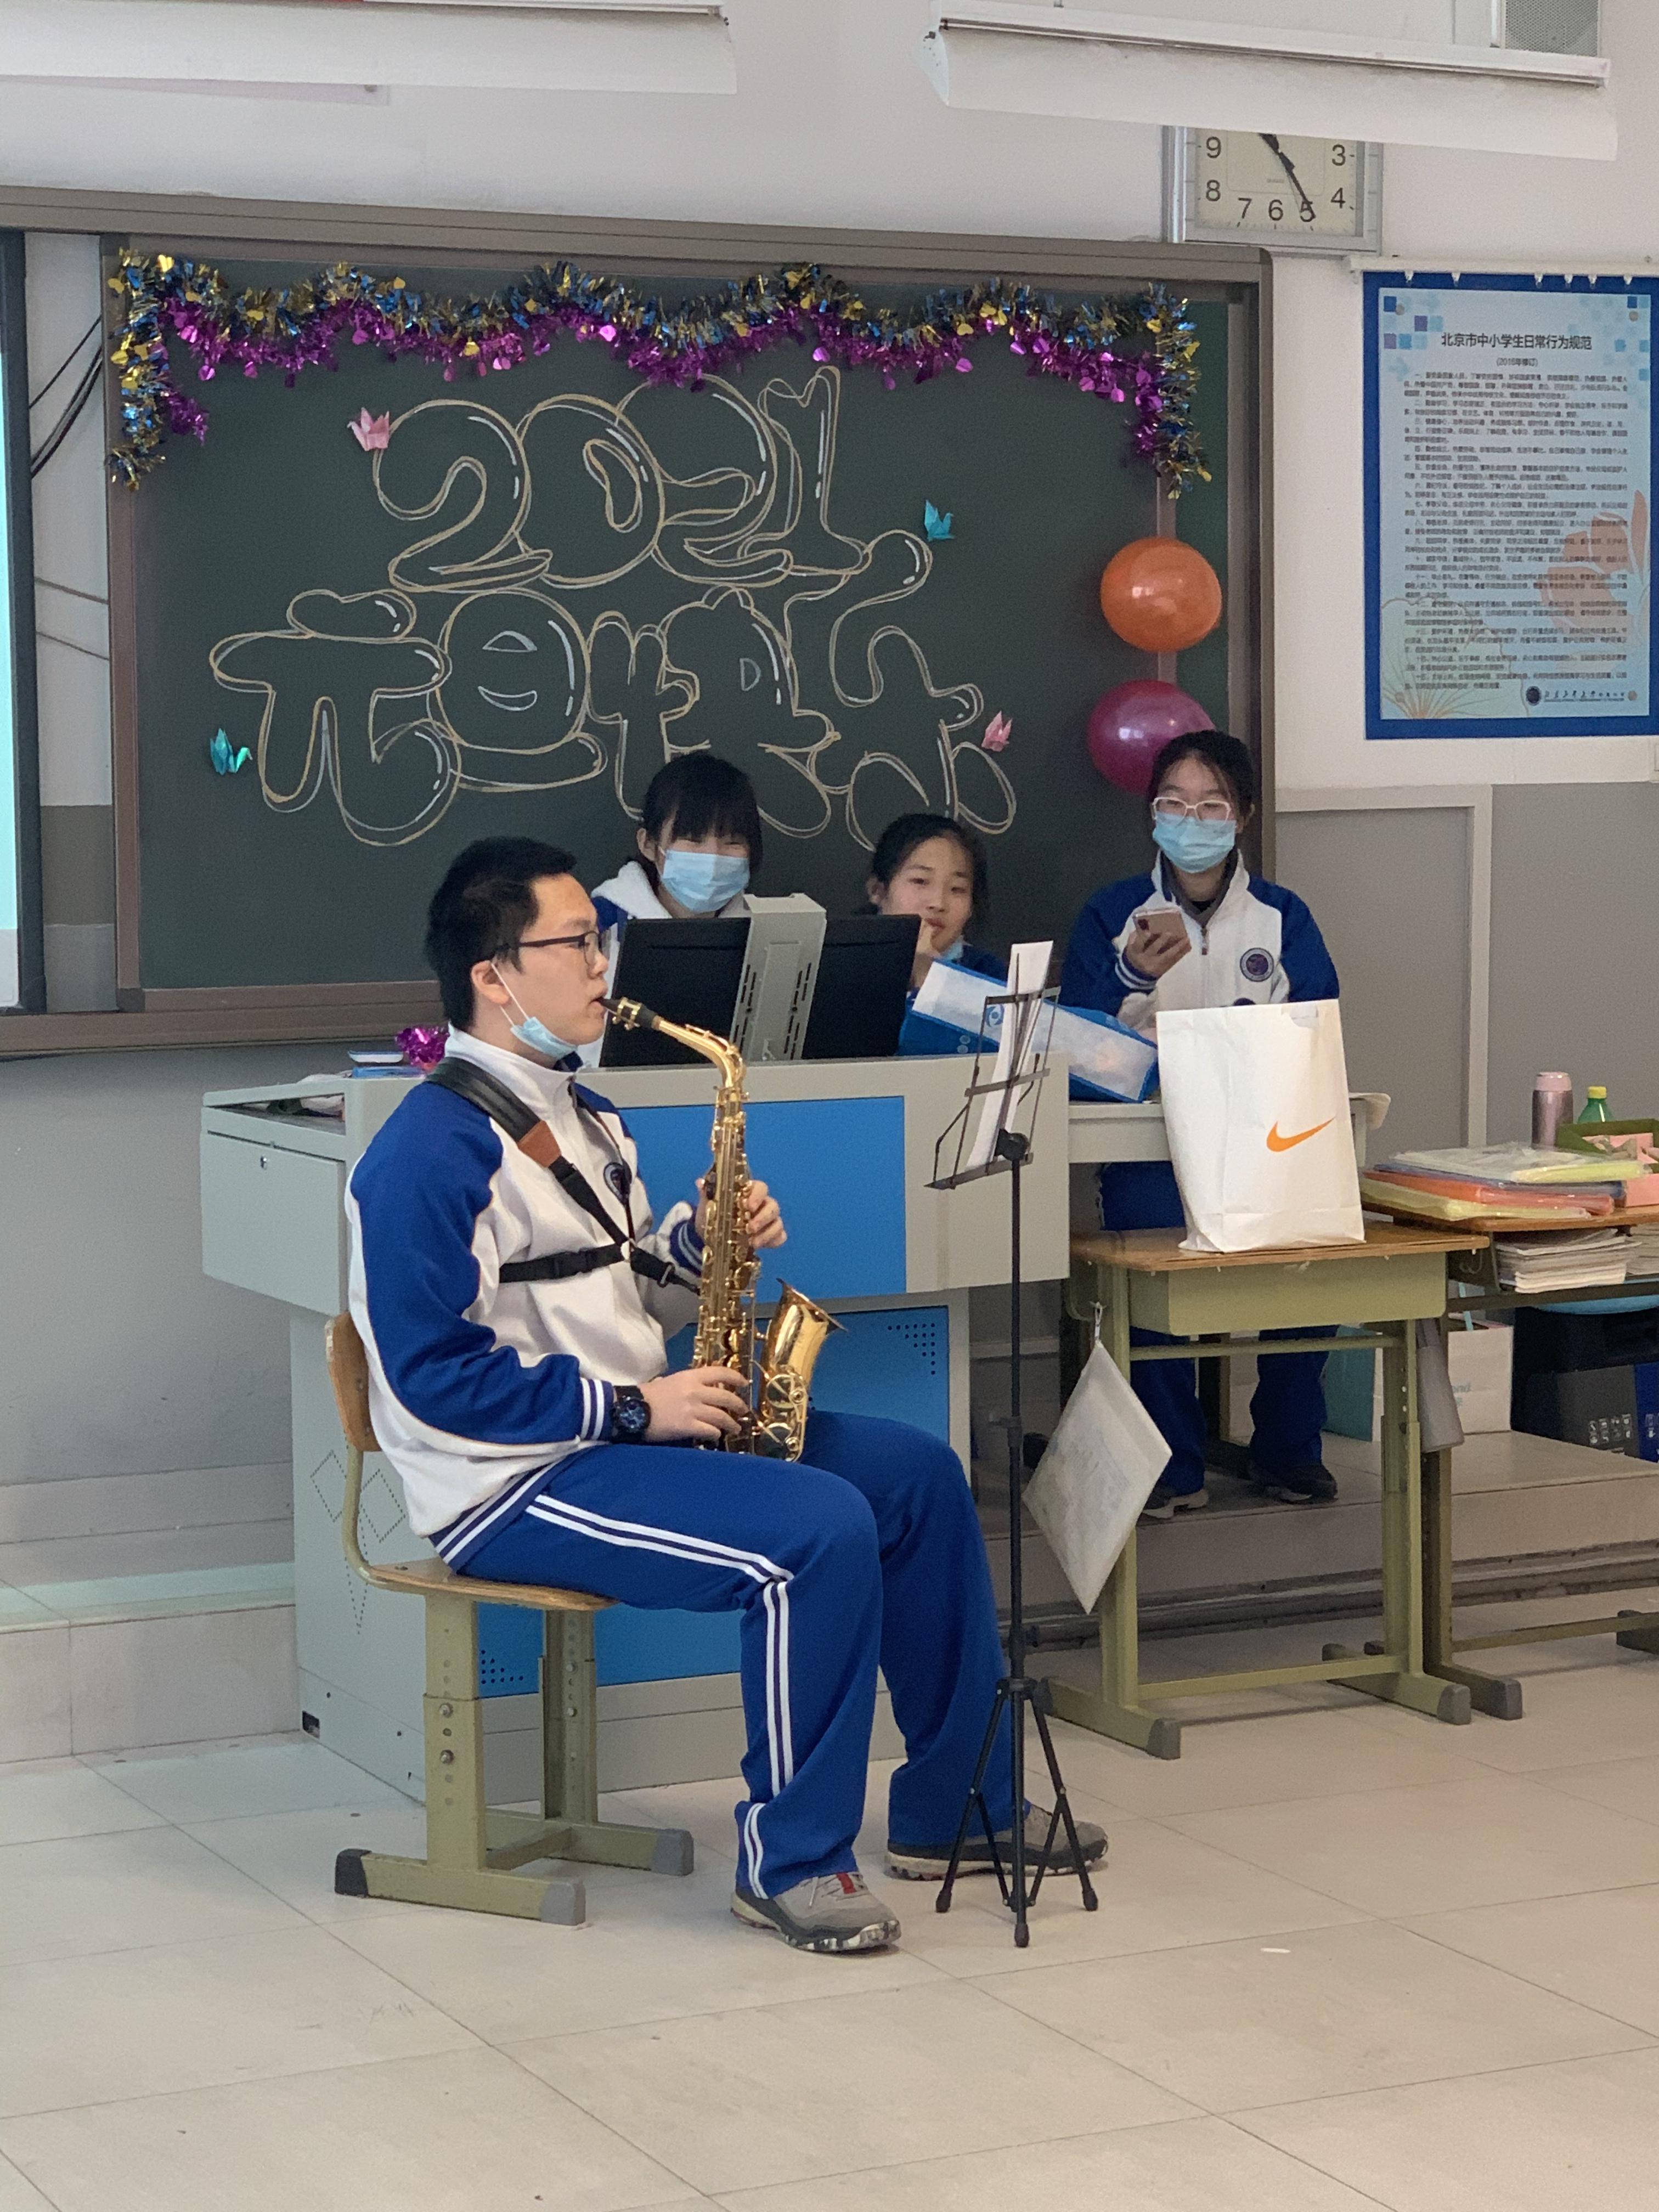 学生器乐演奏.jpg